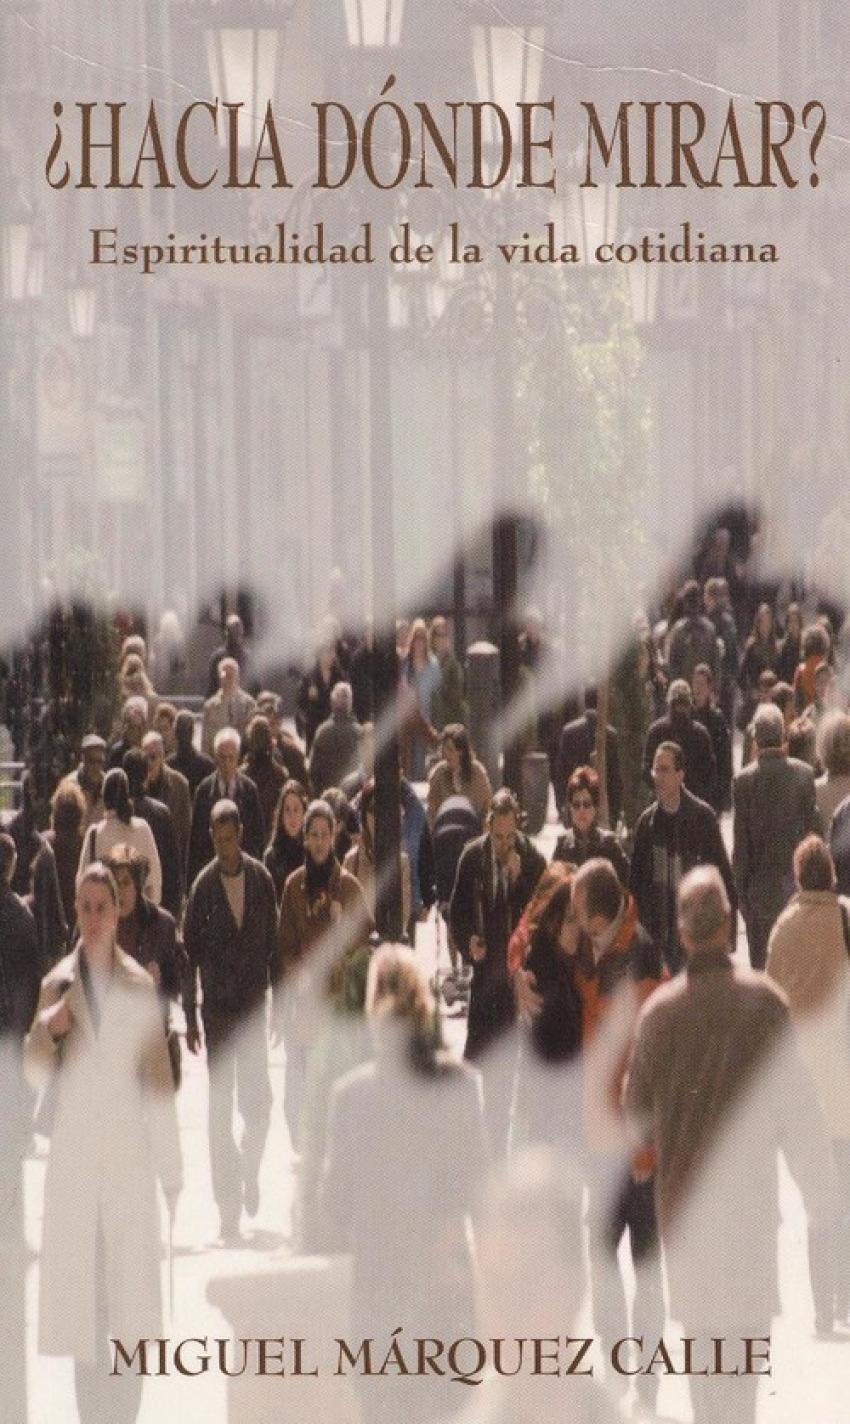 hacia donde mirar? Espiritualidad de la vida cotidiana - Márquez Calle, Miguel